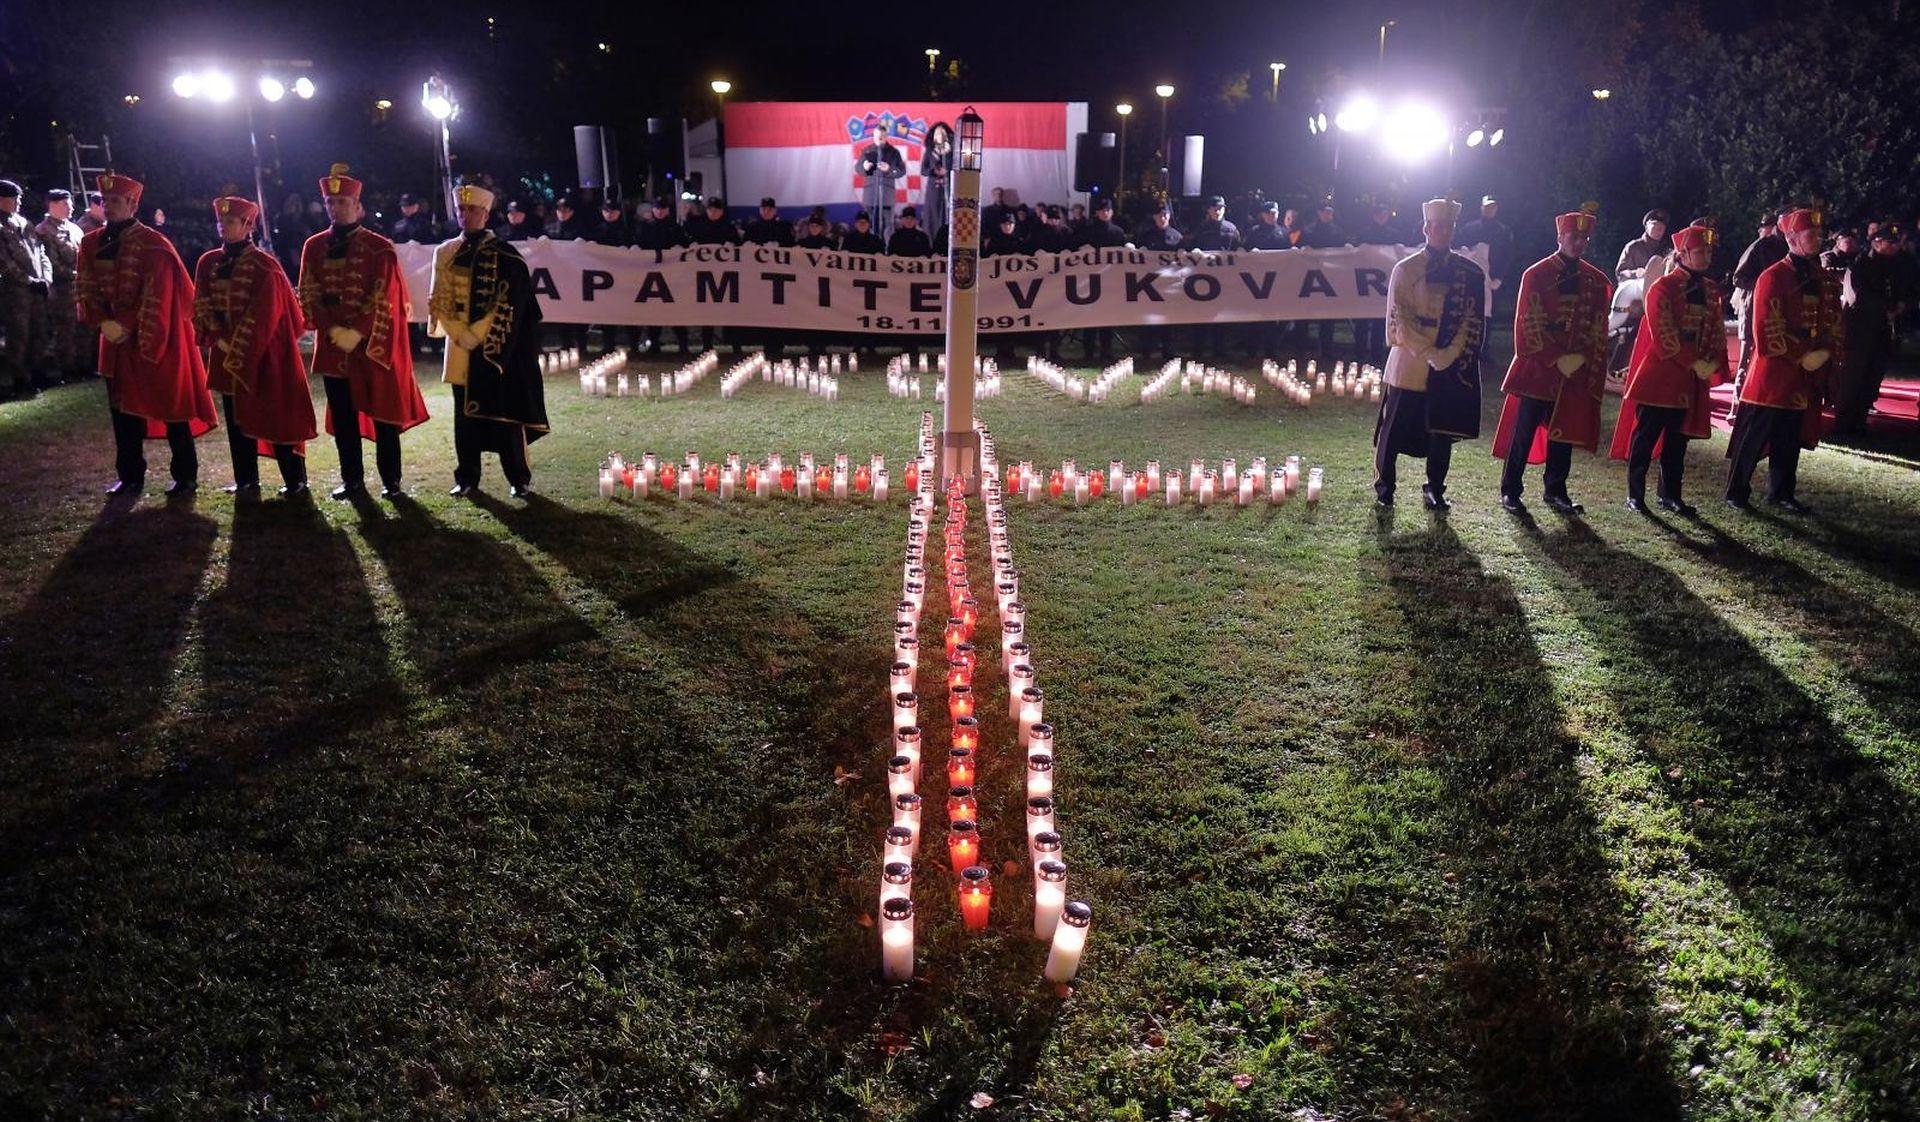 Zagreb se sjeća žrtve Vukovara, premijer zapalio svijeću